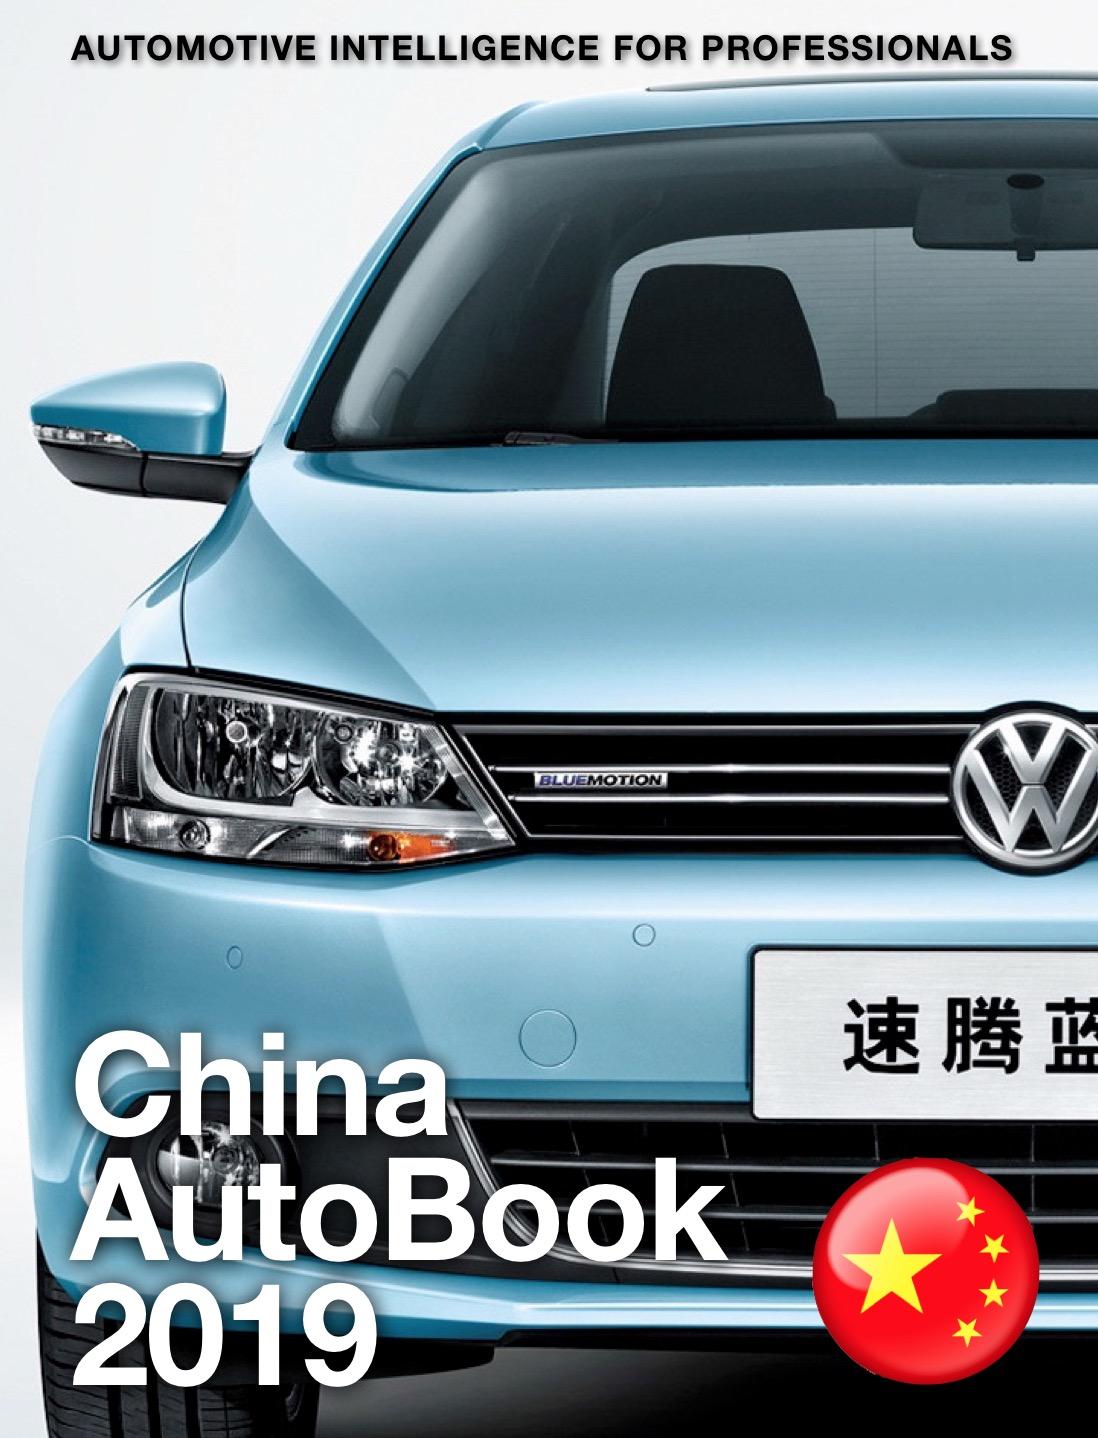 China AutoBook 2019 Cover.jpg